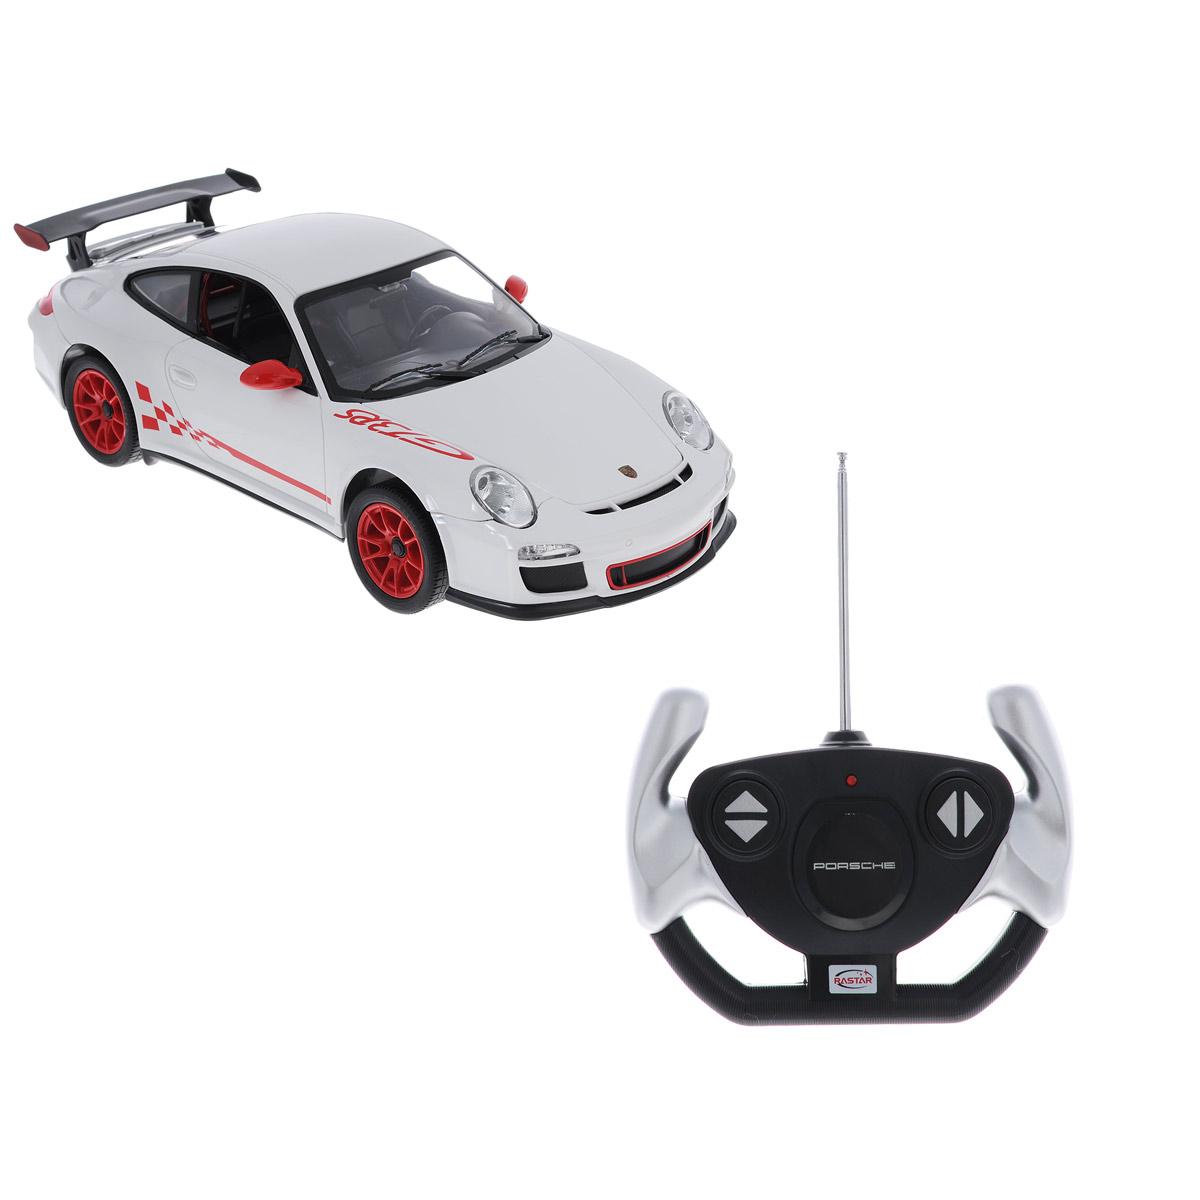 Радиоуправляемая модель Rastar Porsche 911 GT3 RS, цвет: белый. Масштаб 1/1442800Радиоуправляемая машинка Porsche 911 GT3 RS представляет собой точную копию автомобиля известной марки, выполненную в масштабе 1:14 от оригинала. Радиоуправляемая машинка Porsche 911 GT3 RS обладает неповторимым стилем и спортивным характером. Машинка Porsche 911 GT3 RS сделана из качественного пластика с проработкой всех внутренних и внешних деталей. Автомобилем легко управлять с помощью удобного пульта. Машинка очень маневренная и двигается со скоростью до 12км/ч на расстоянии до 40 метров от пульта управления. Машинка Porsche 911 GT3 RS может двигаться вперед, назад, вправо и влево. При движении вперед - горят передние фары, при движении назад - горят задние стоп-сигналы. В комплект входит инструкция по эксплуатации автомобиля на русском языке.